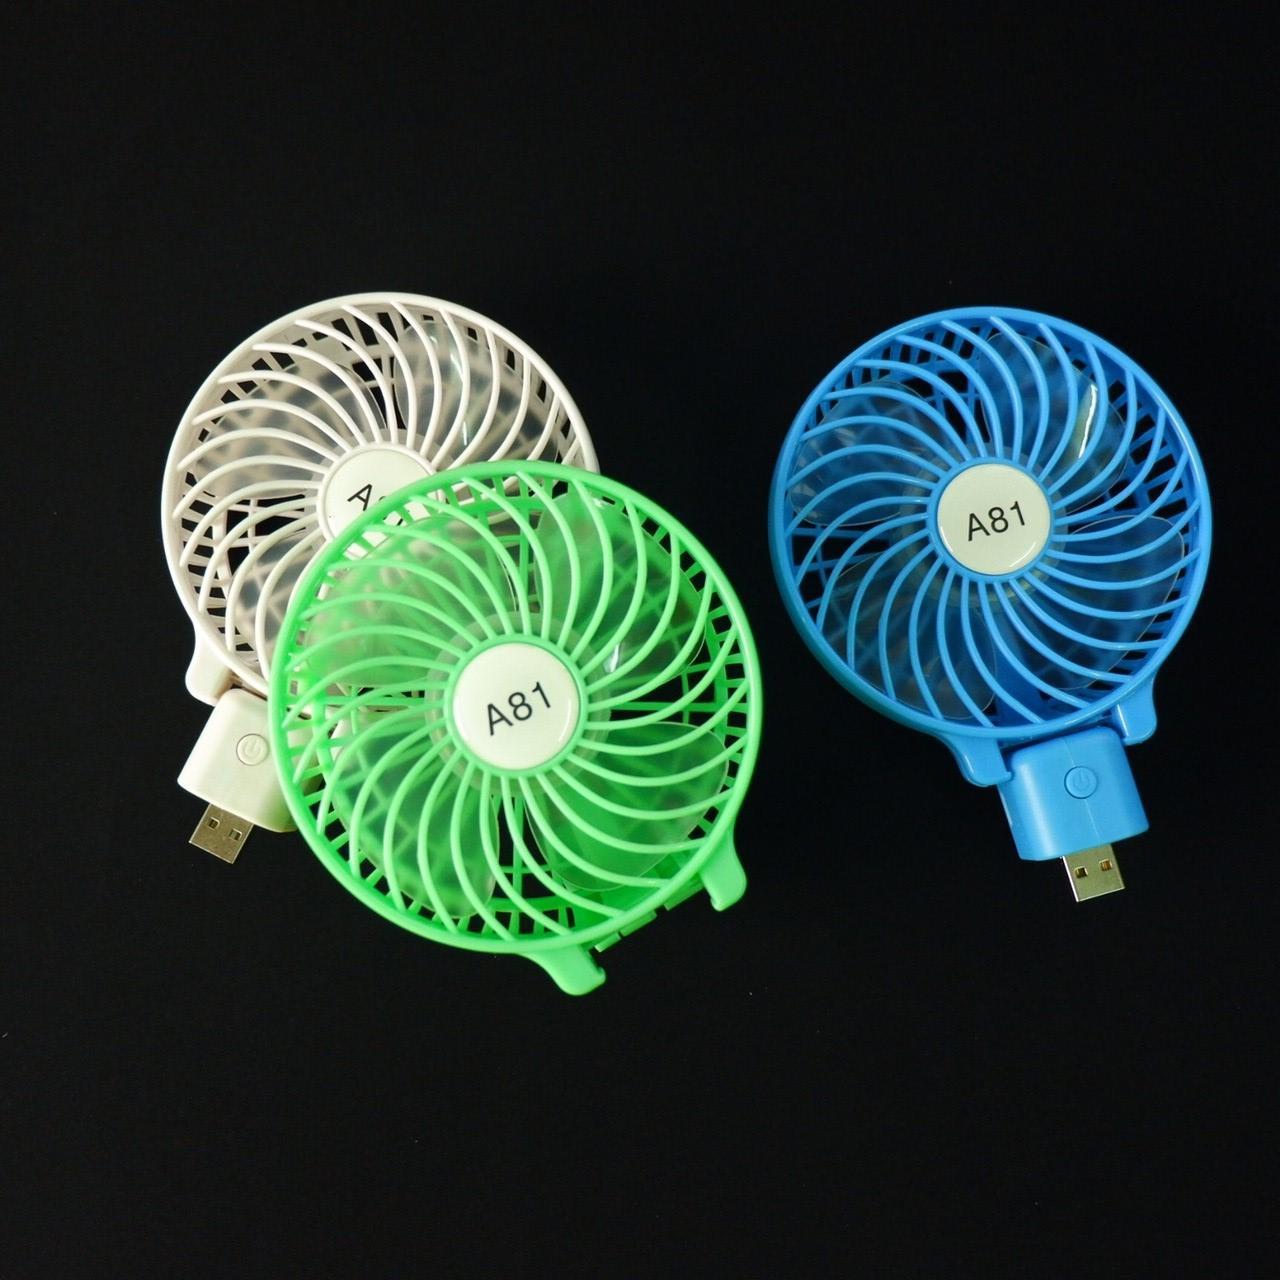 Mini usb fan A81